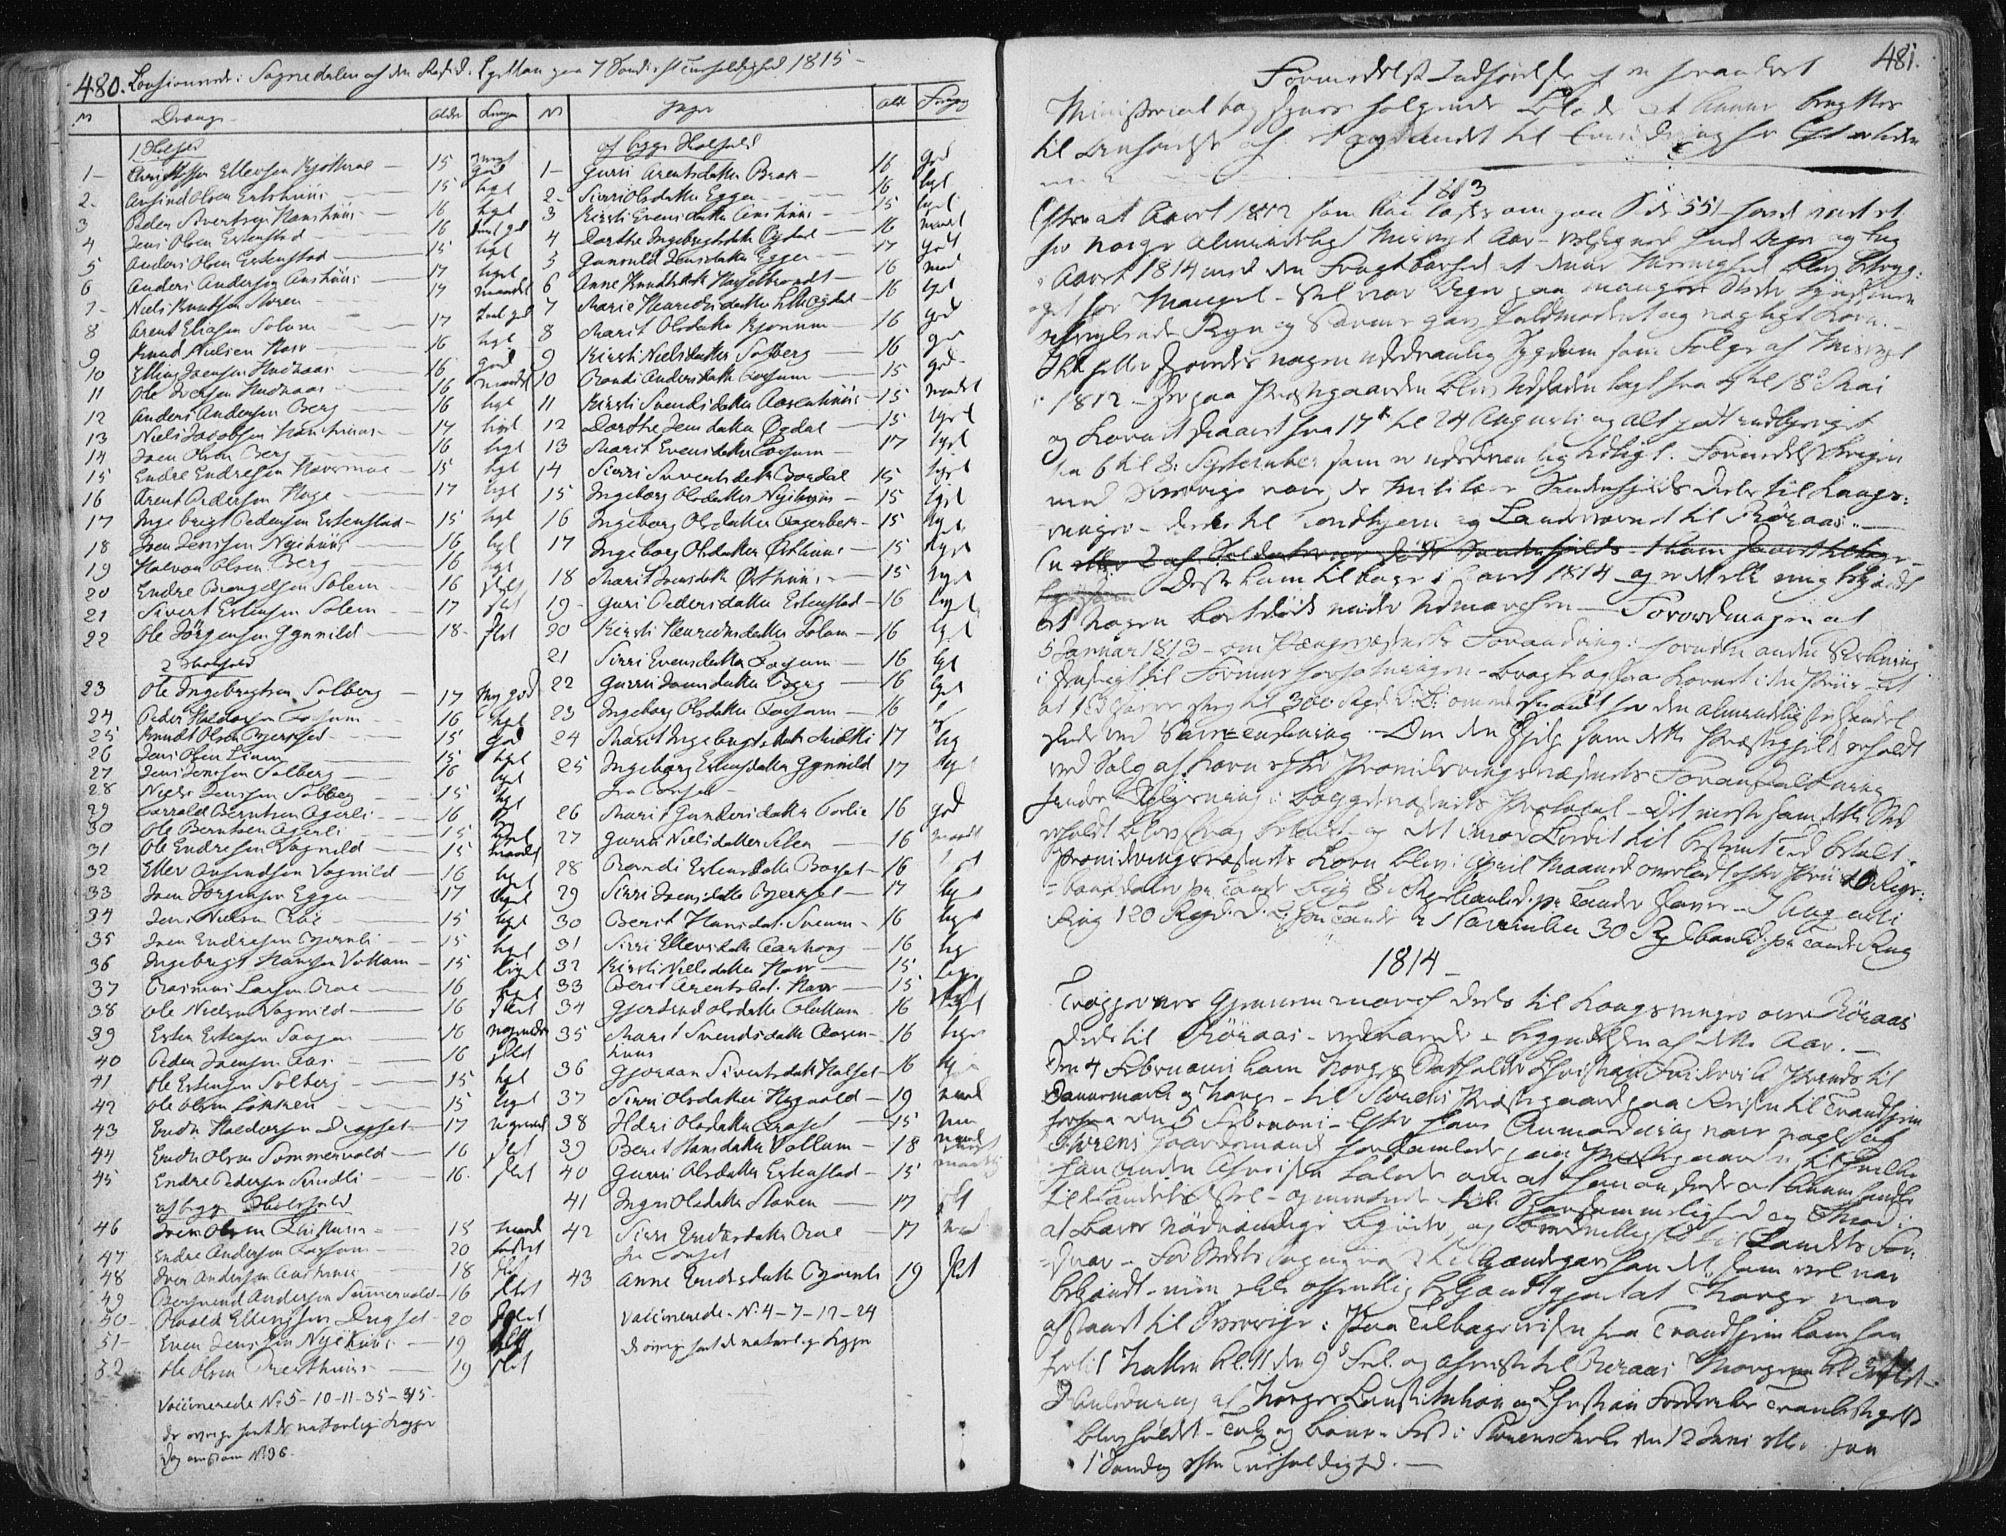 SAT, Ministerialprotokoller, klokkerbøker og fødselsregistre - Sør-Trøndelag, 687/L0992: Ministerialbok nr. 687A03 /1, 1788-1815, s. 480-481